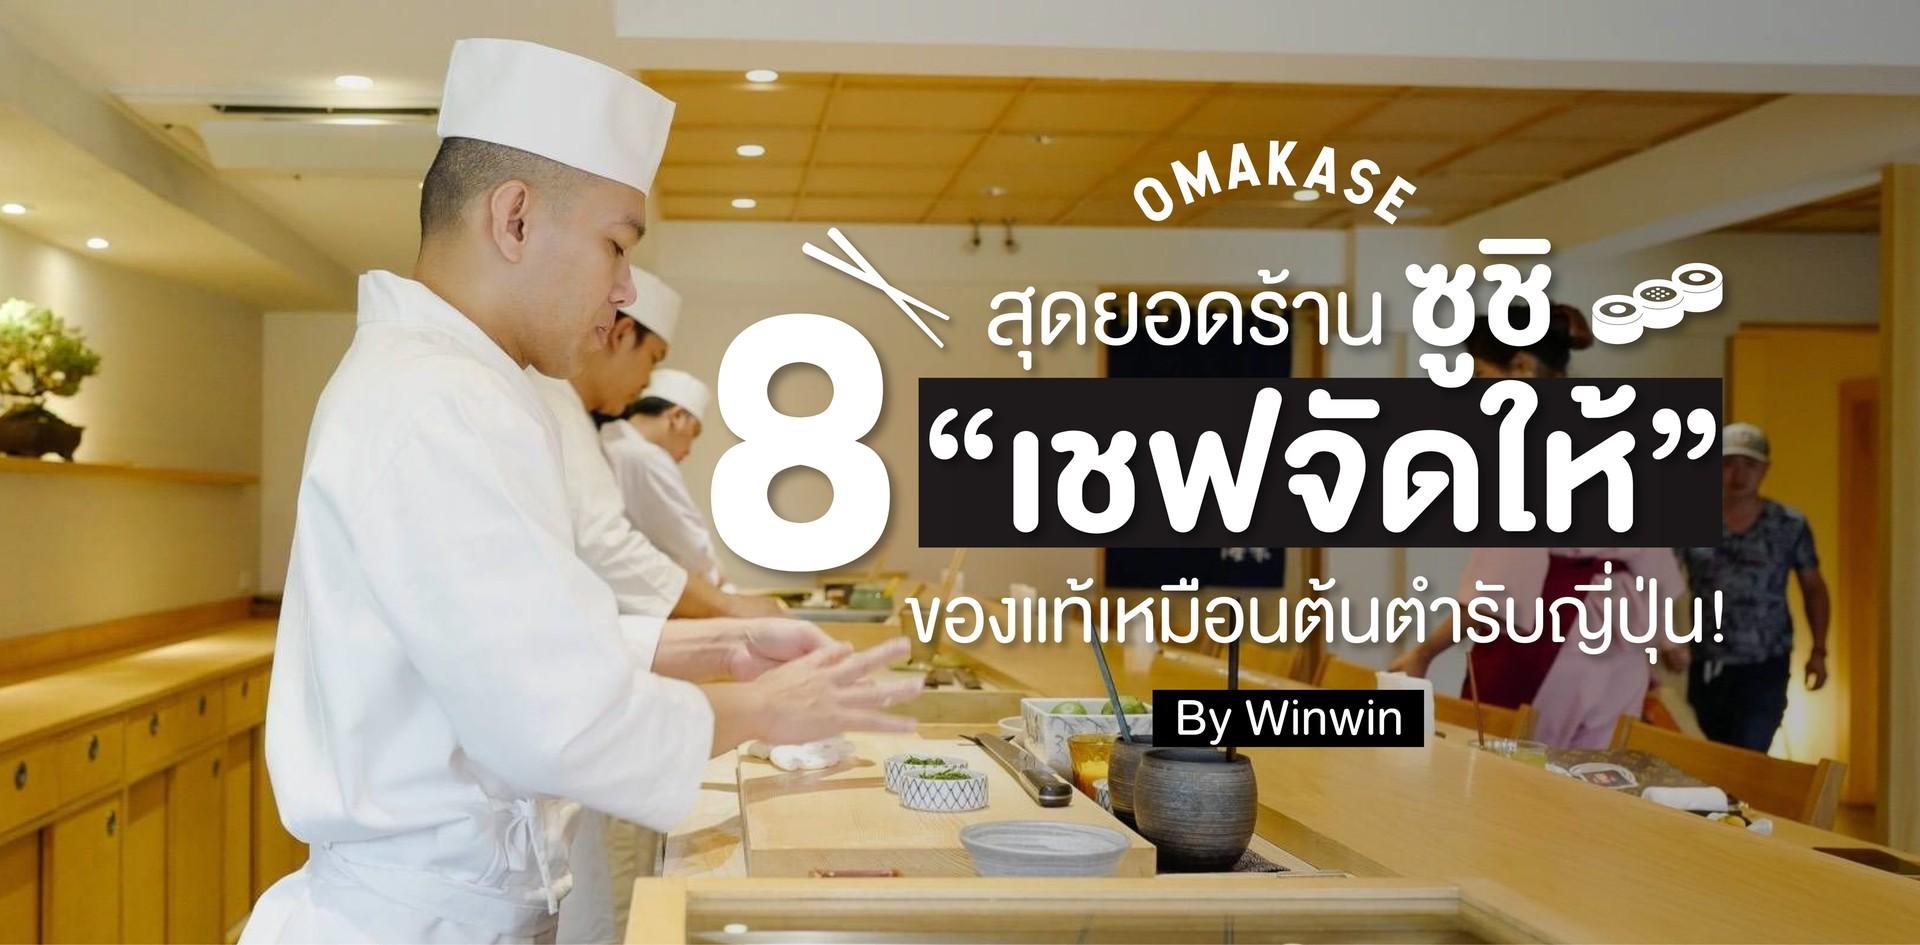 """8 ร้านซูชิ """"เชฟจัดให้"""" (Omakase) ฟินเหมือนต้นตำรับญี่ปุ่น by Winwin"""